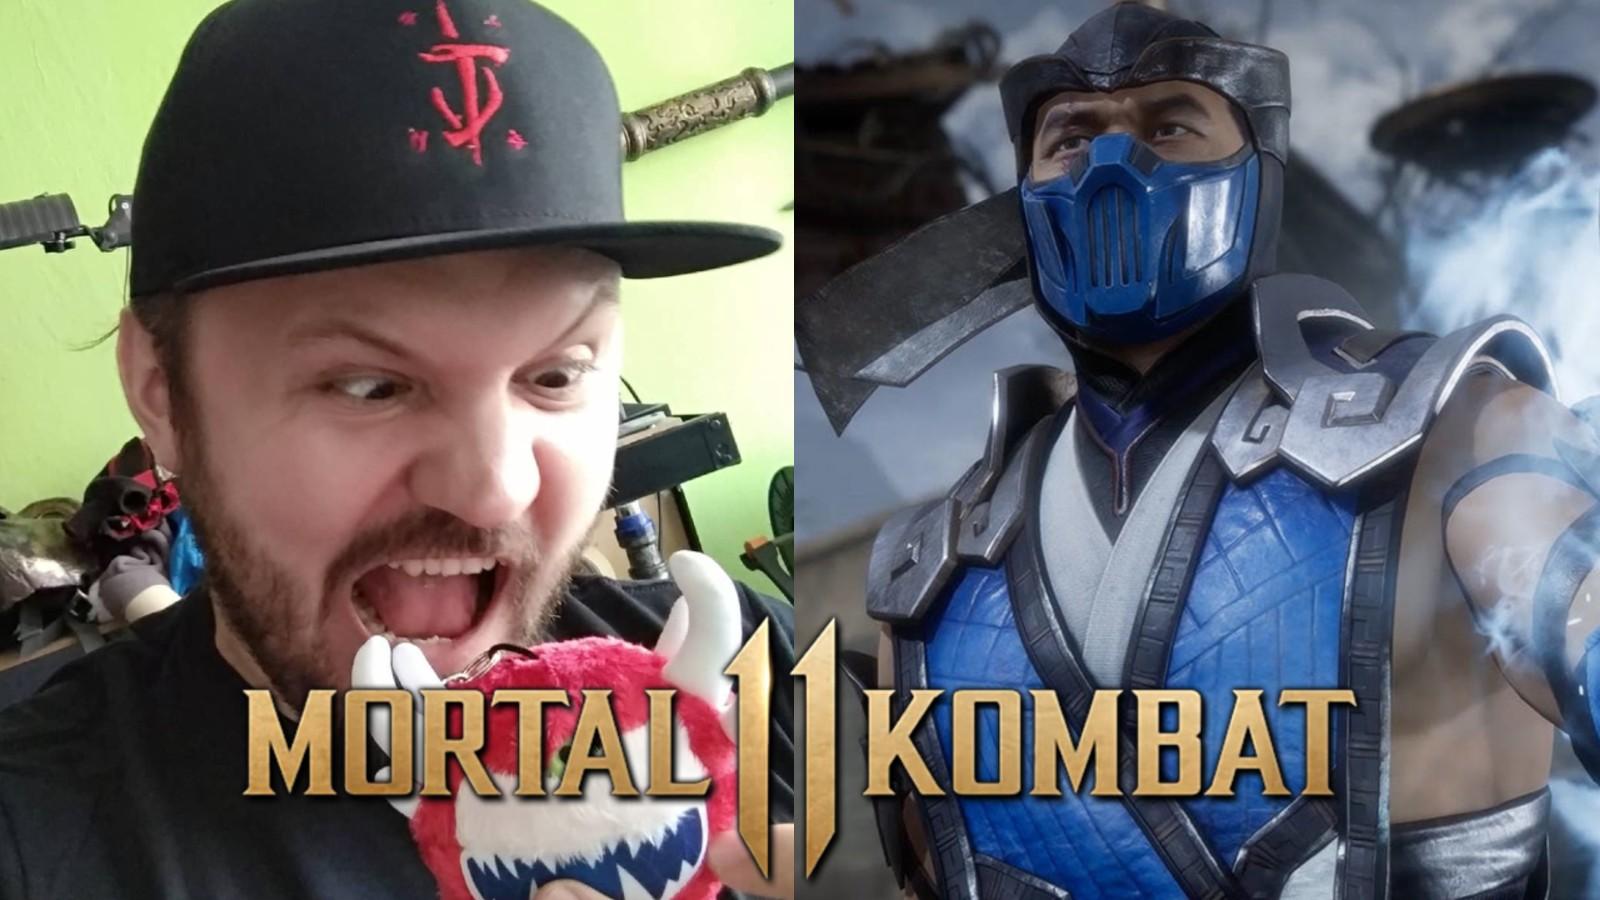 Mortal Kombat Sub-Zero Cosplay